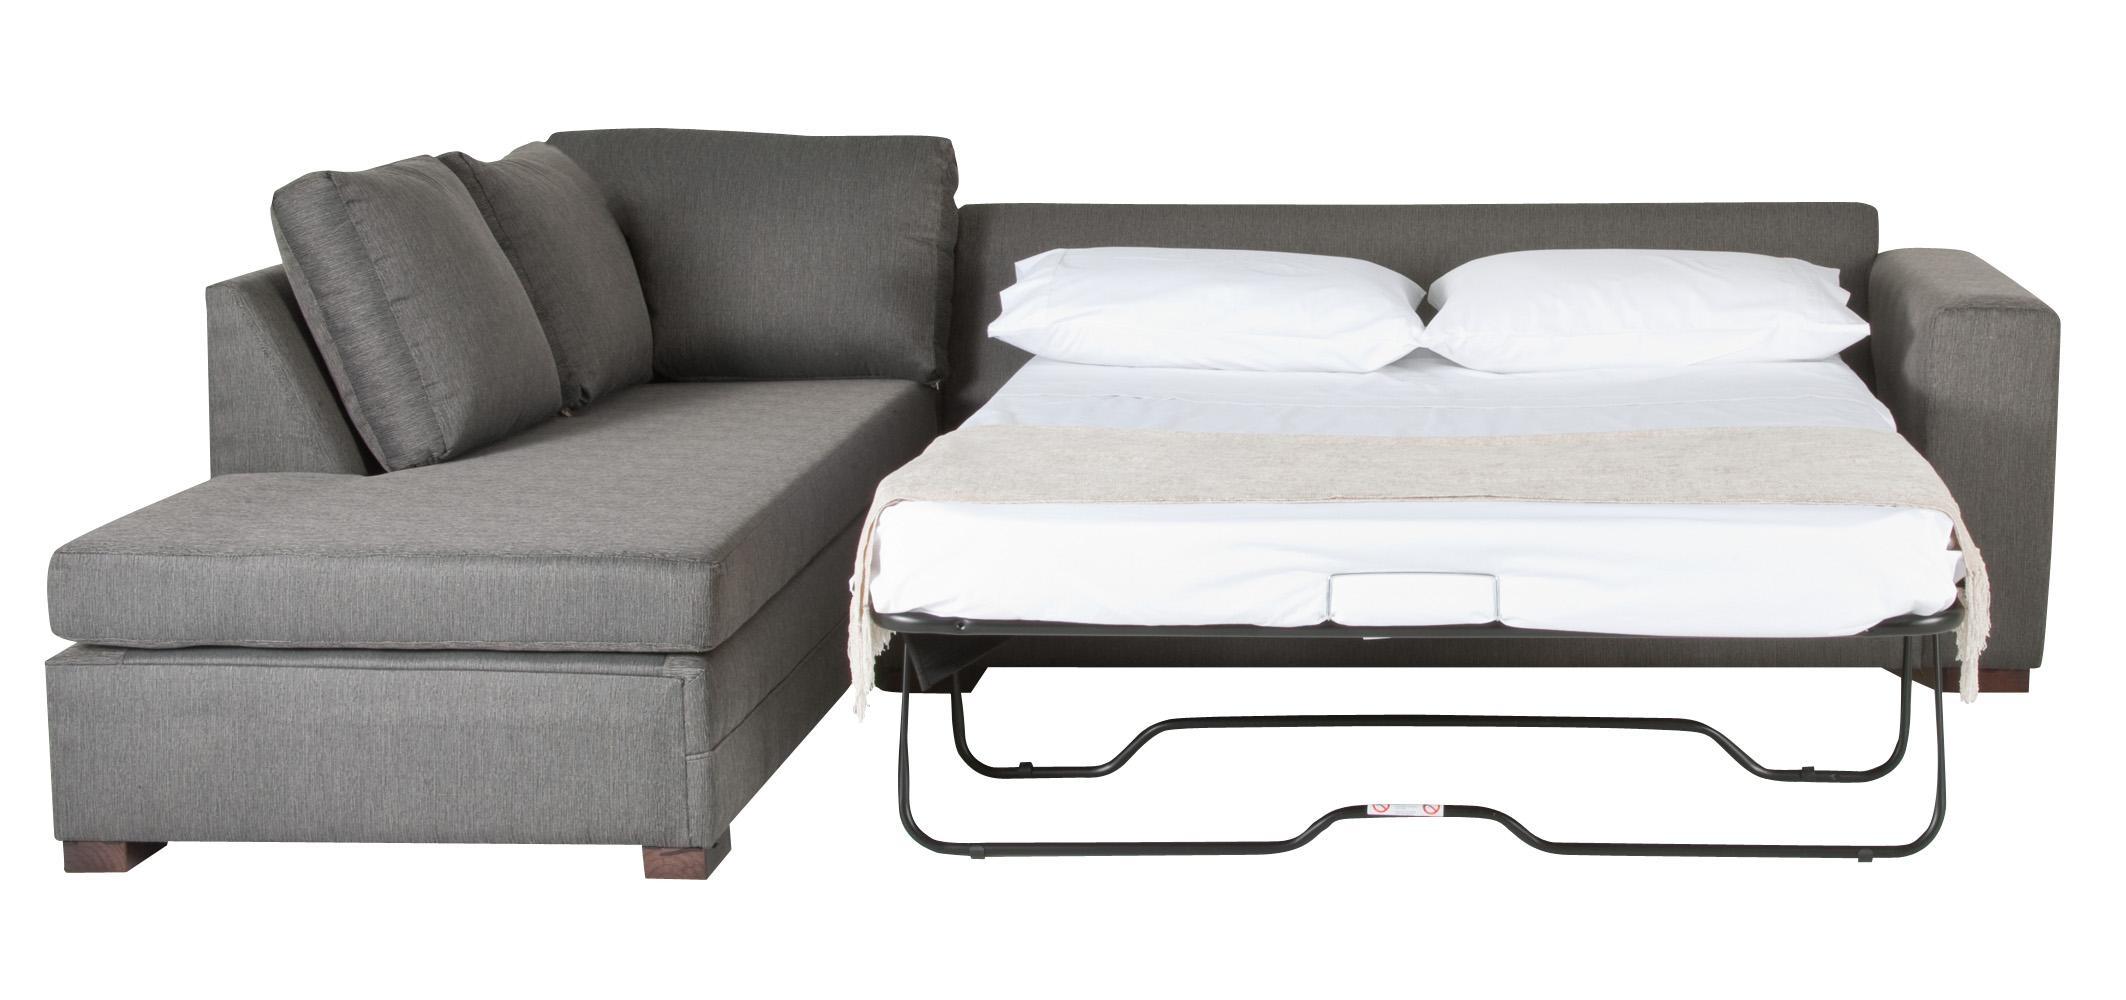 ☆▻ Sofa : 36 Wonderful Ikea Friheten Sofa Bed Sofas 78 Best Regarding Ikea Sectional Sofa Sleeper (Image 3 of 20)